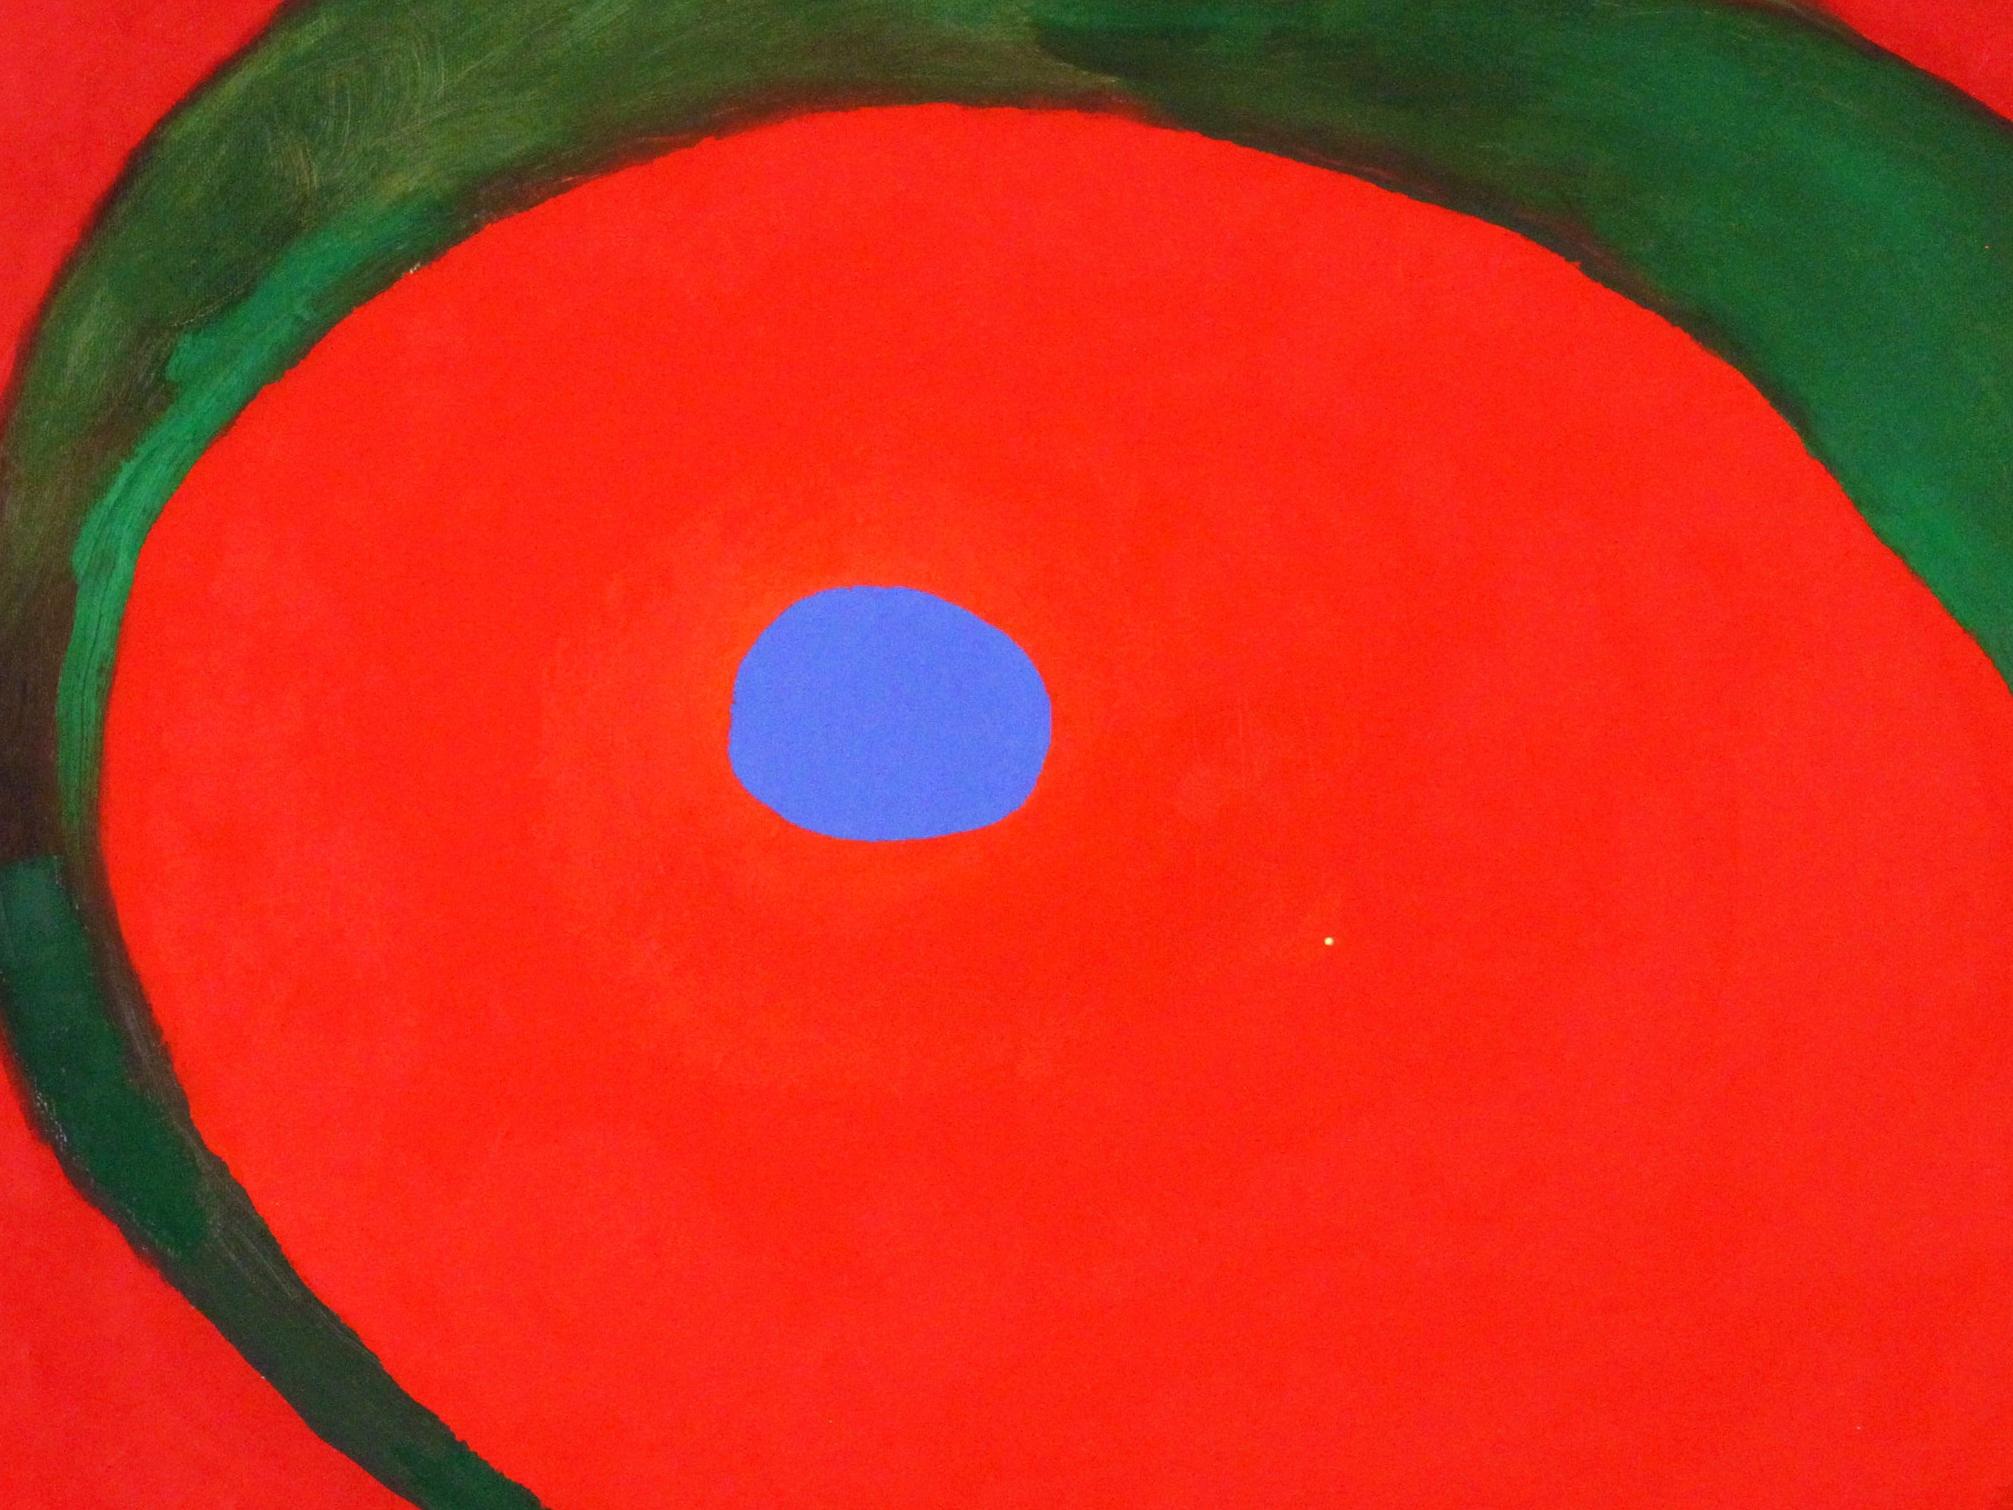 만남Encounter - A body of work with a focused use of color as form;an invitation into the immersing movement of the surface.